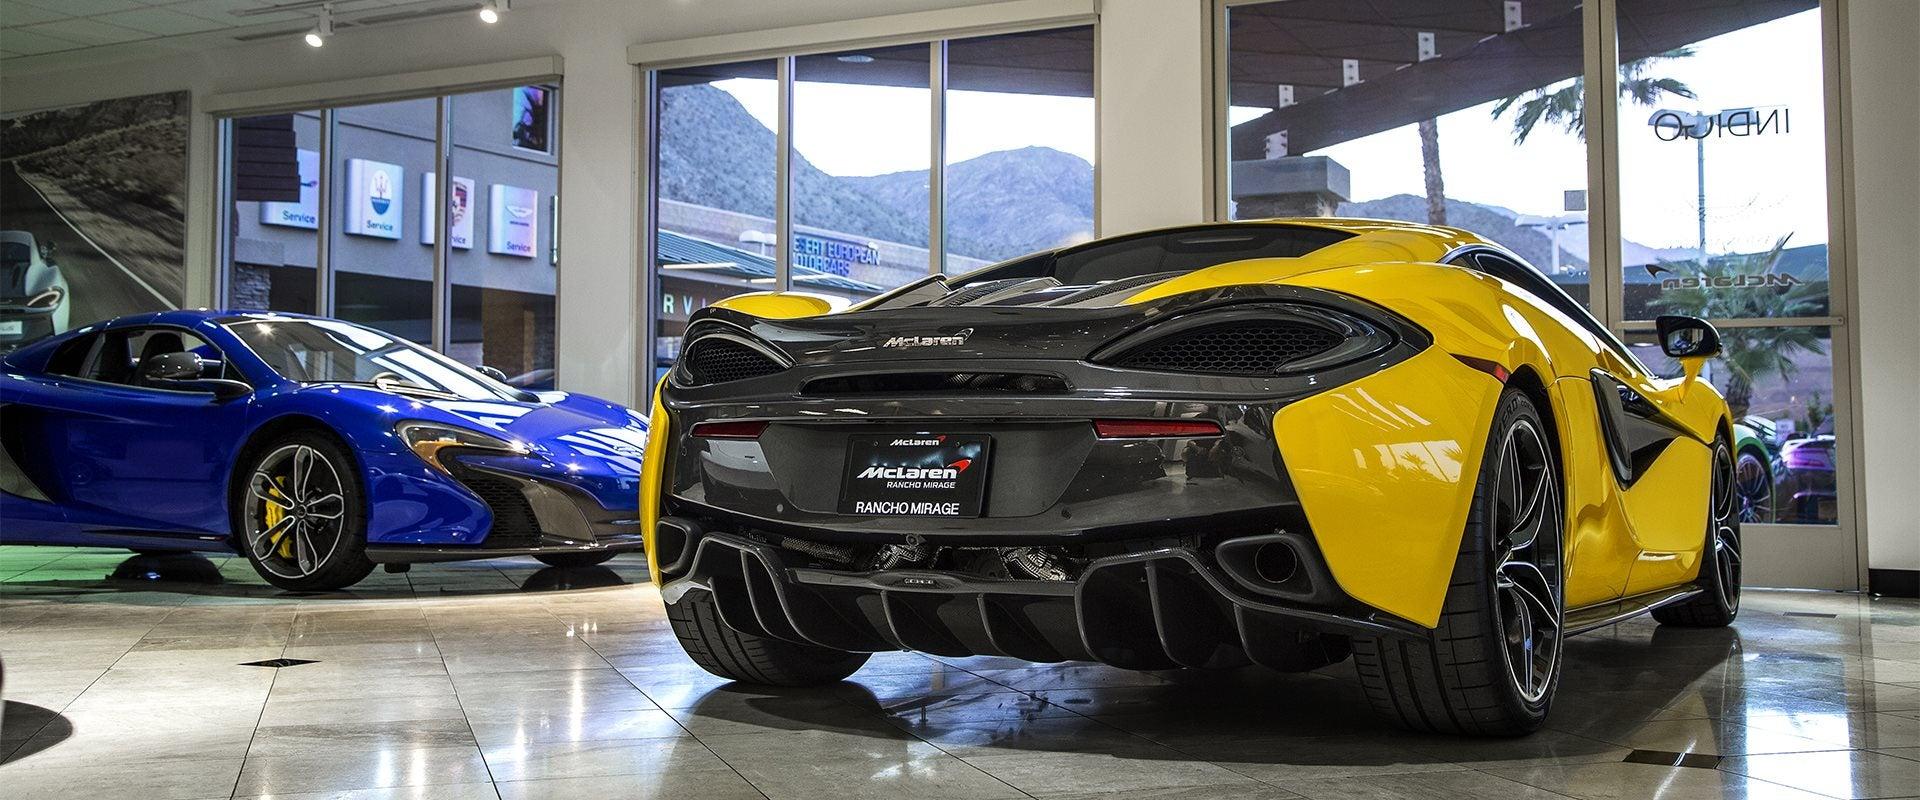 McLaren Brand History | Rancho Mirage, CA McLaren Dealership